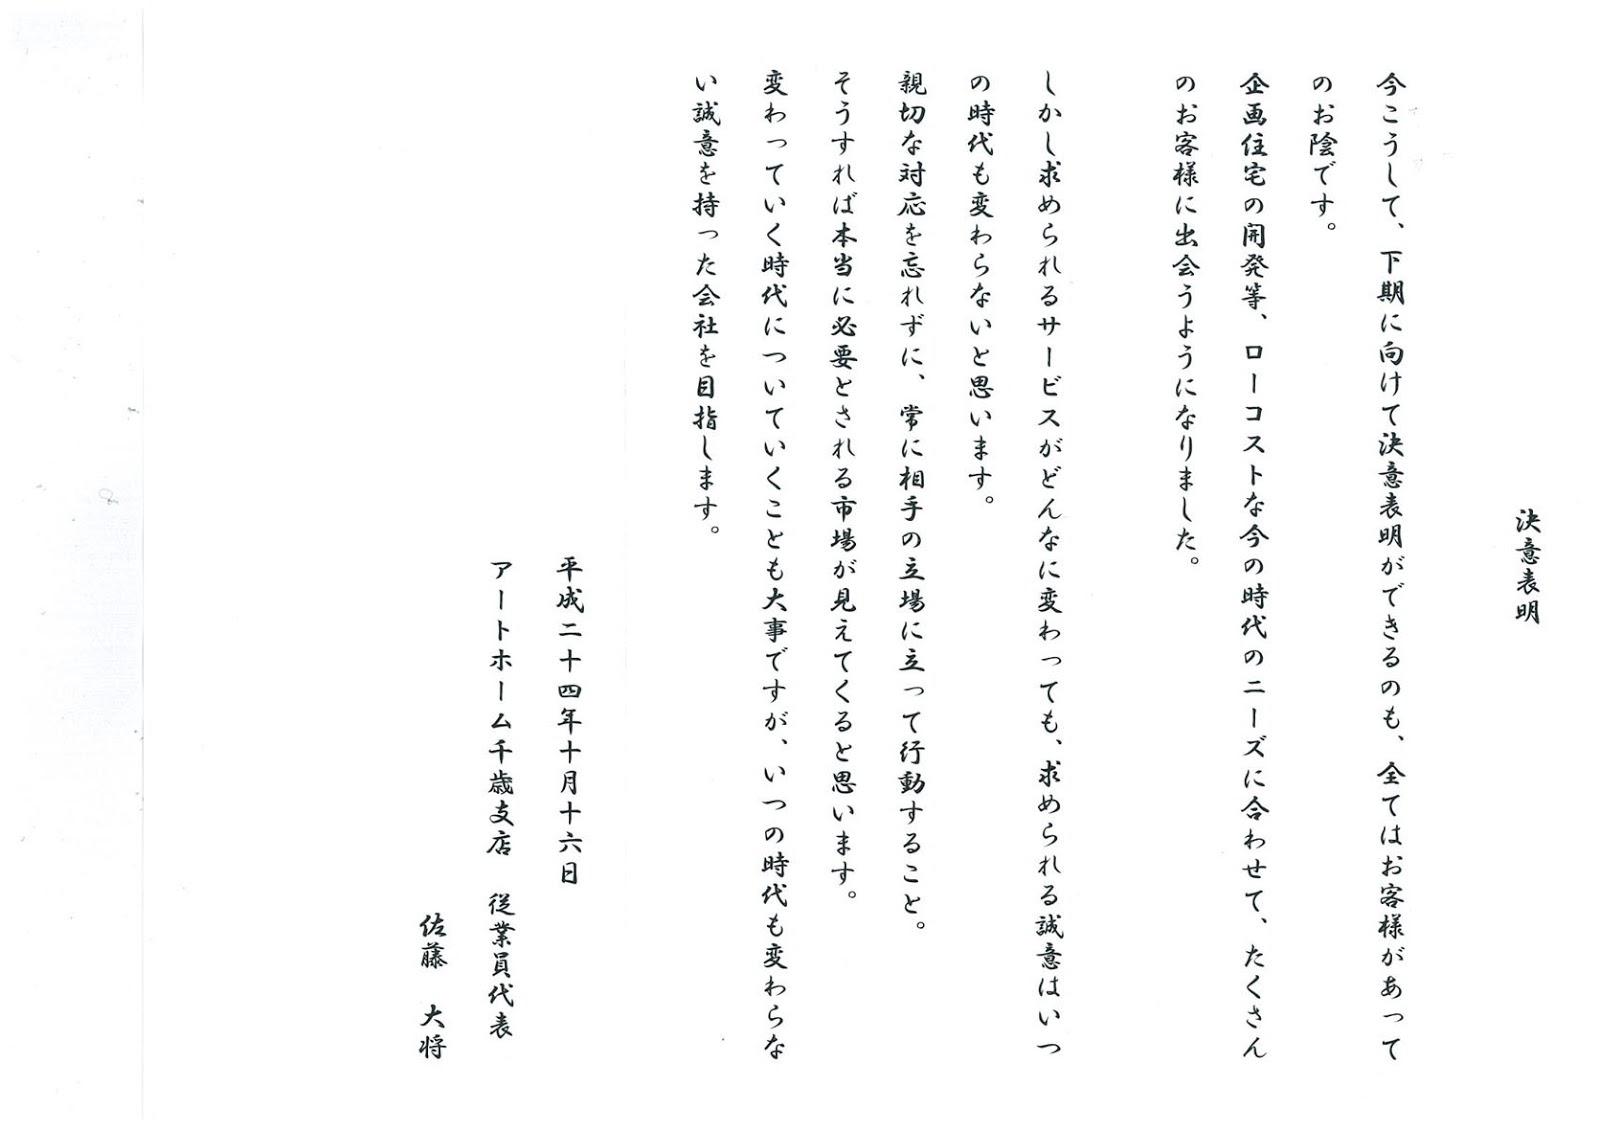 一年生 一年生で習う漢字 テスト : arthomeblog: 2012/10